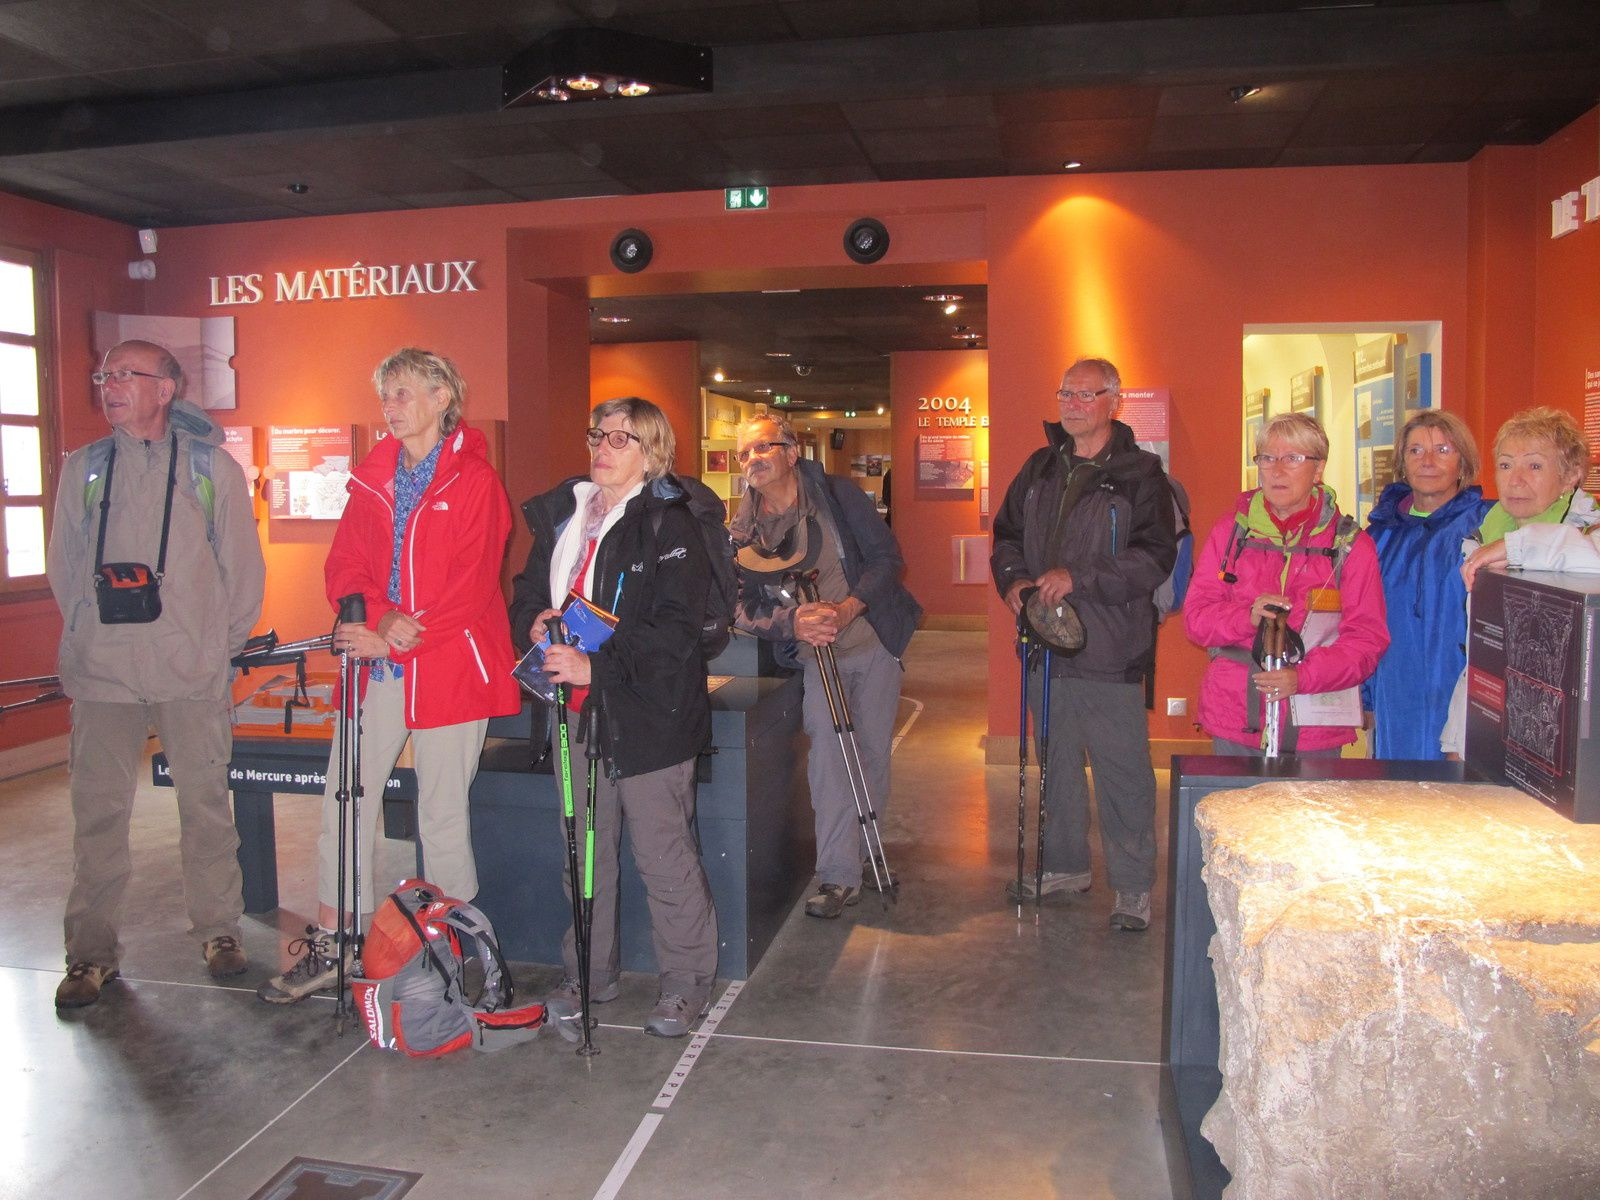 Quand les gallo-romains bâtissaient au sommet du Puy-de-Dôme le temple de Mercure, dieu du commerce et de la médecine et aussi, pour nous, protecteur des voyageurs. Un bel espace lui est maintenant réservé.